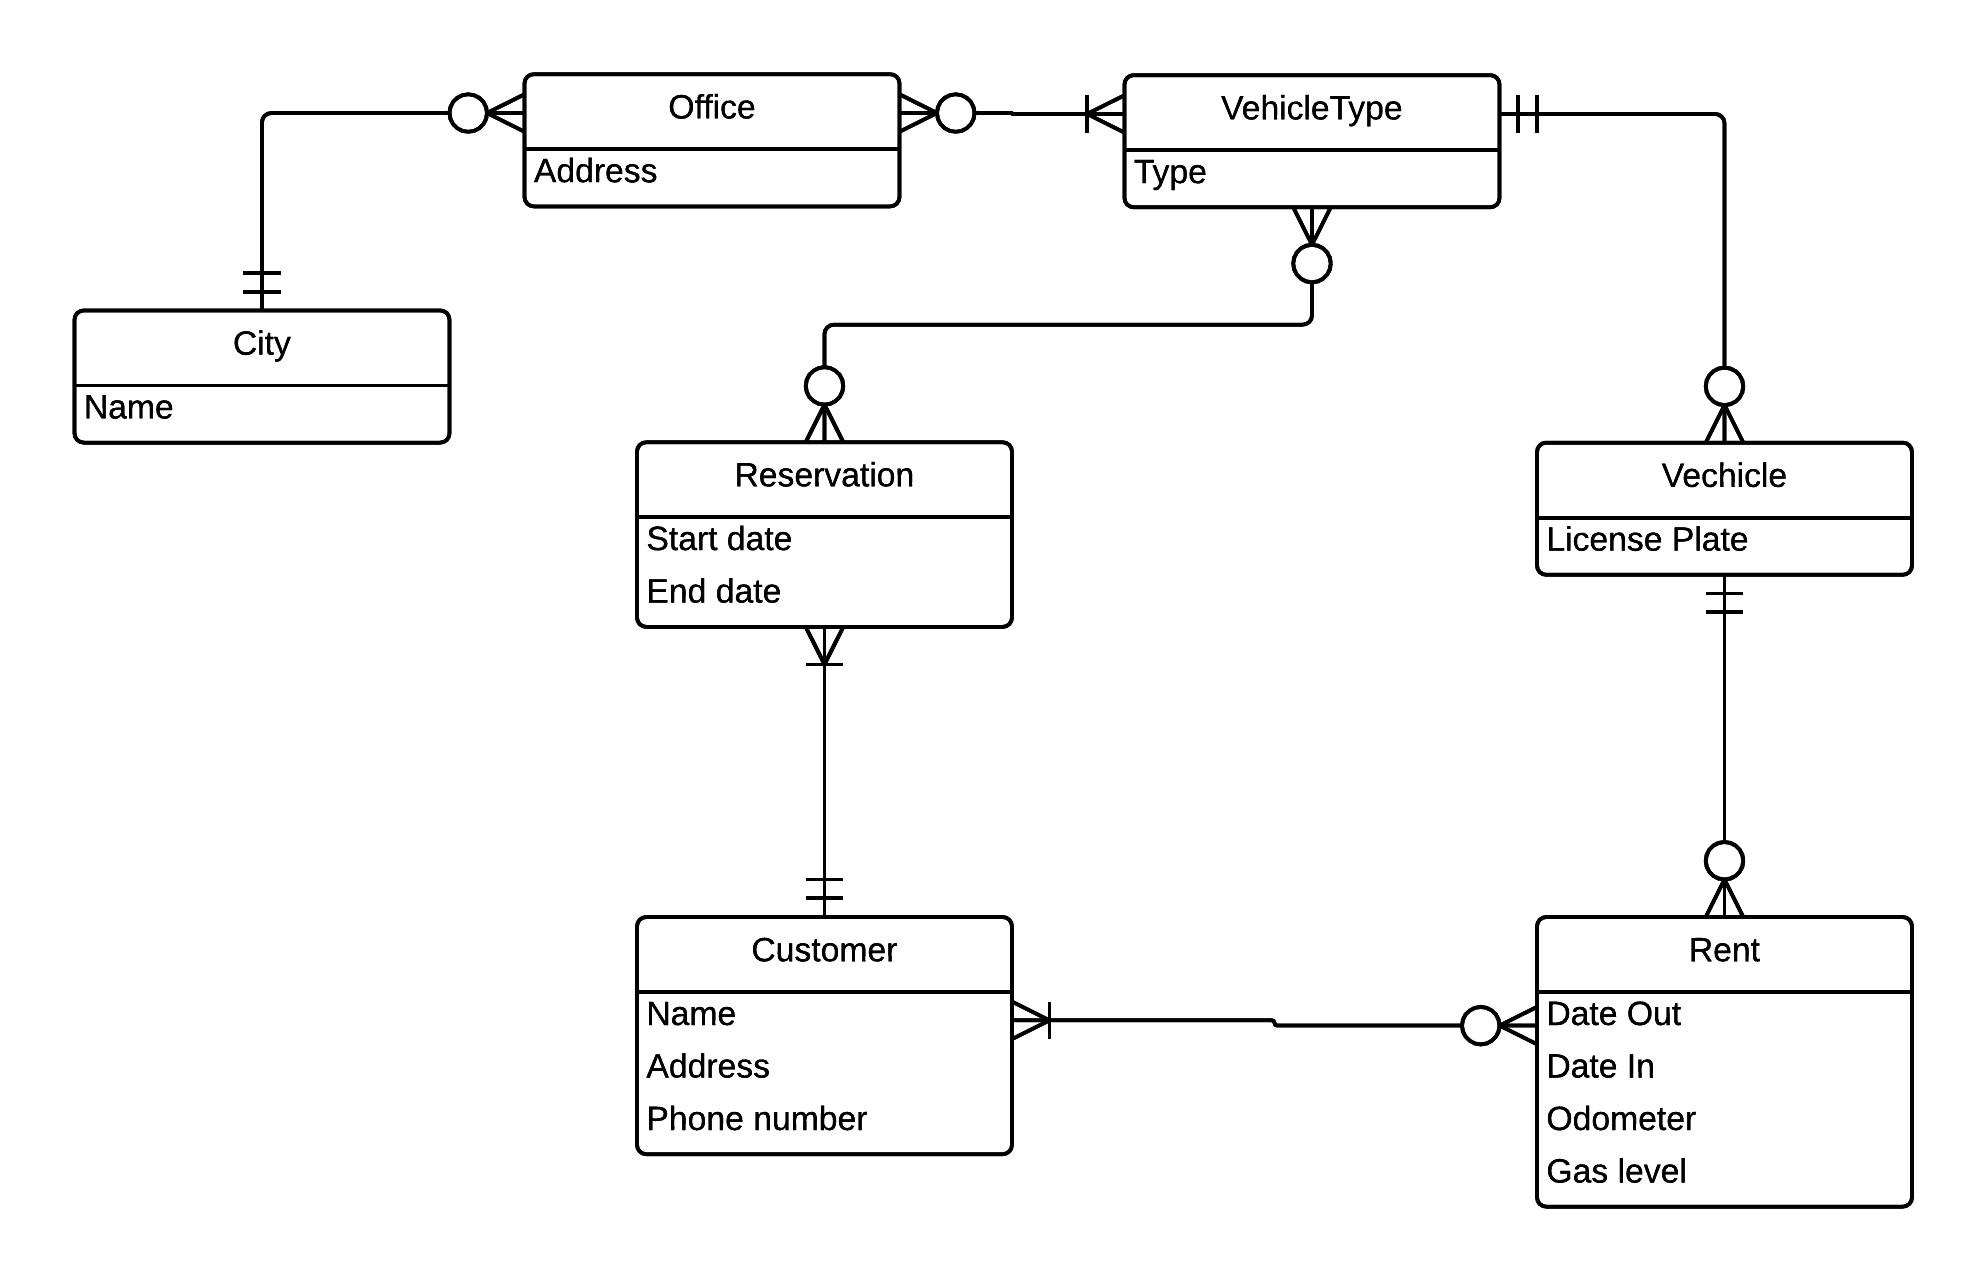 Car Rental Er Diagram Data Modeling Er Diagrams Jack Lam Entity Relationship Diagram Car Of Car Rental Er Diagram